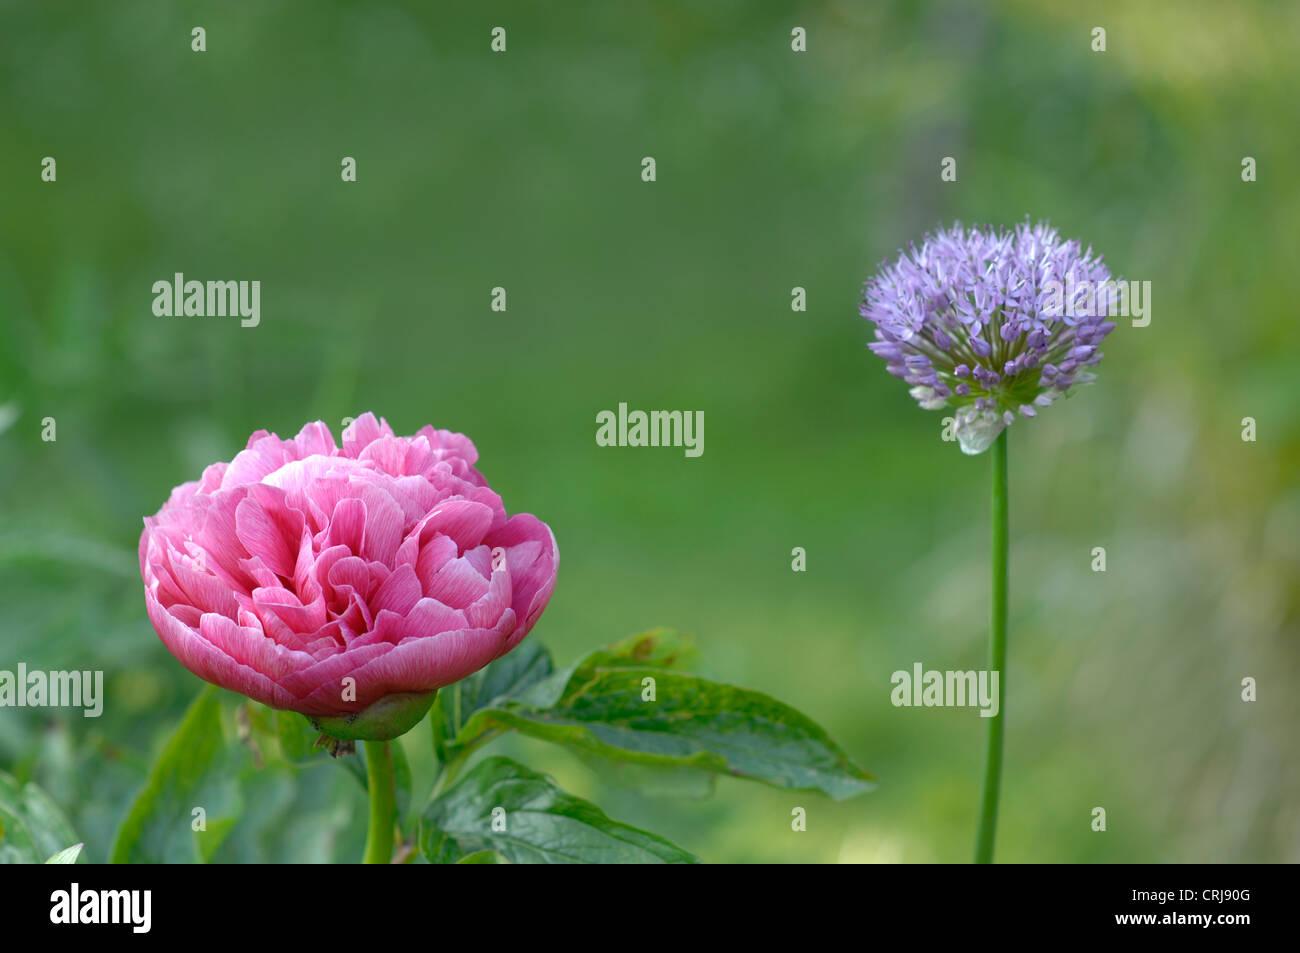 Peony and Allium - Stock Image